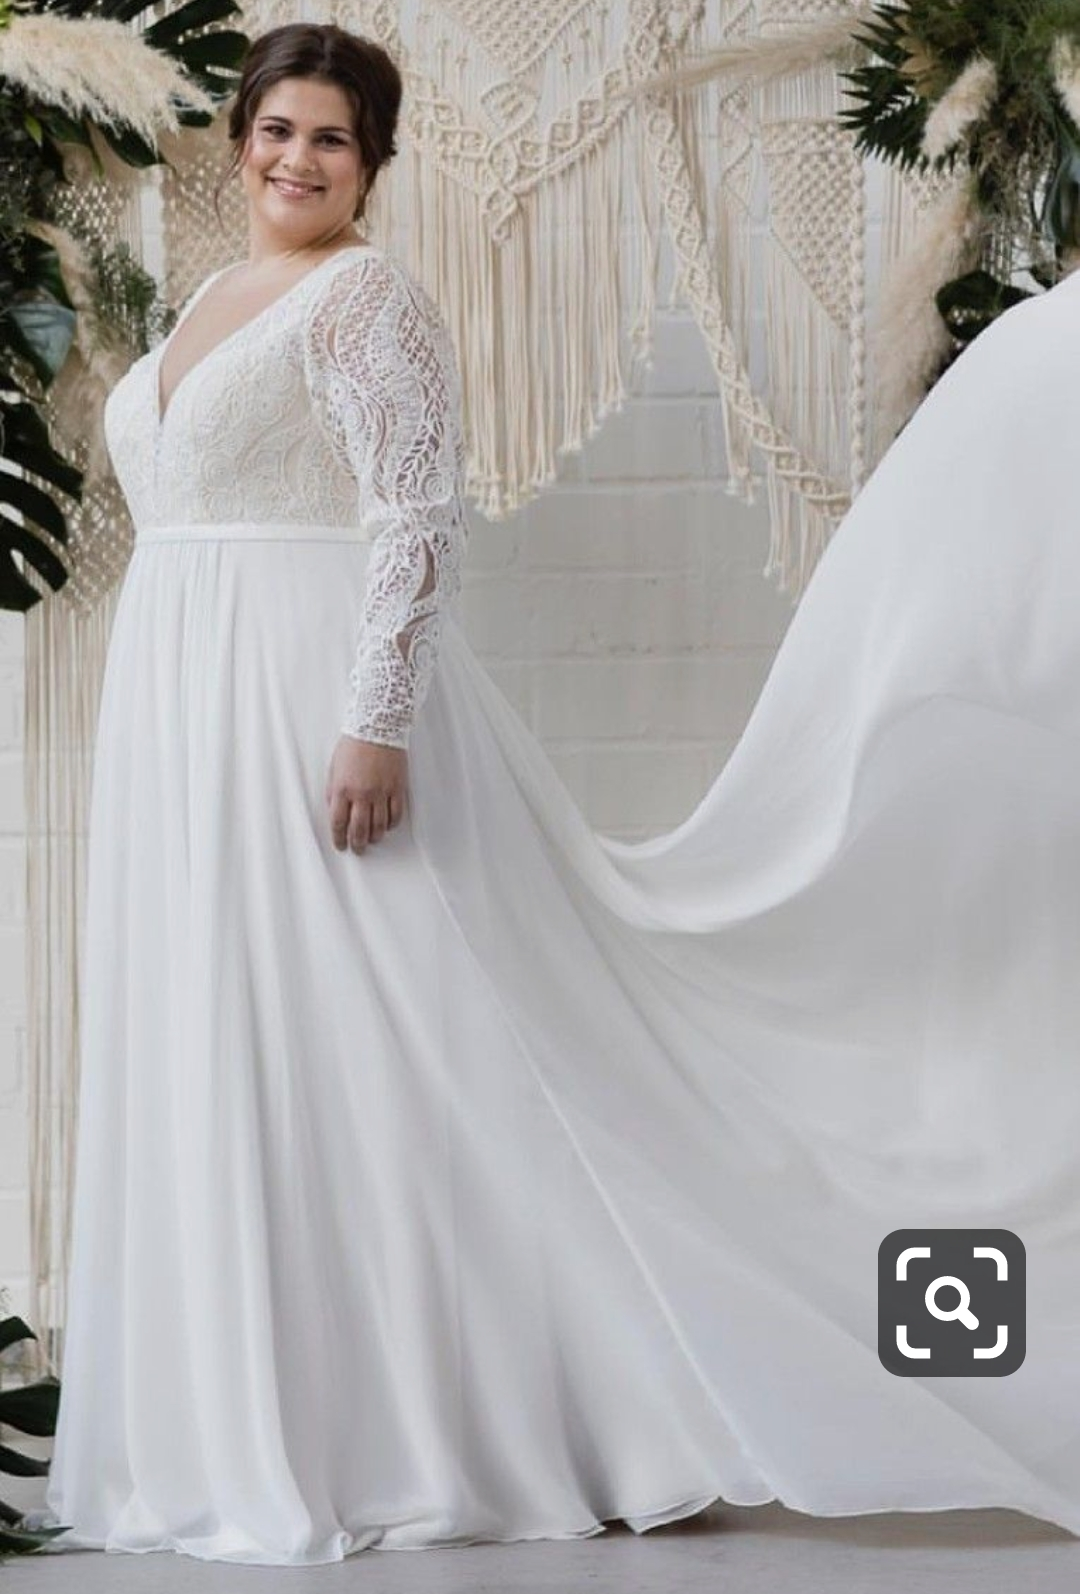 robe de mariée ronde, grande taille